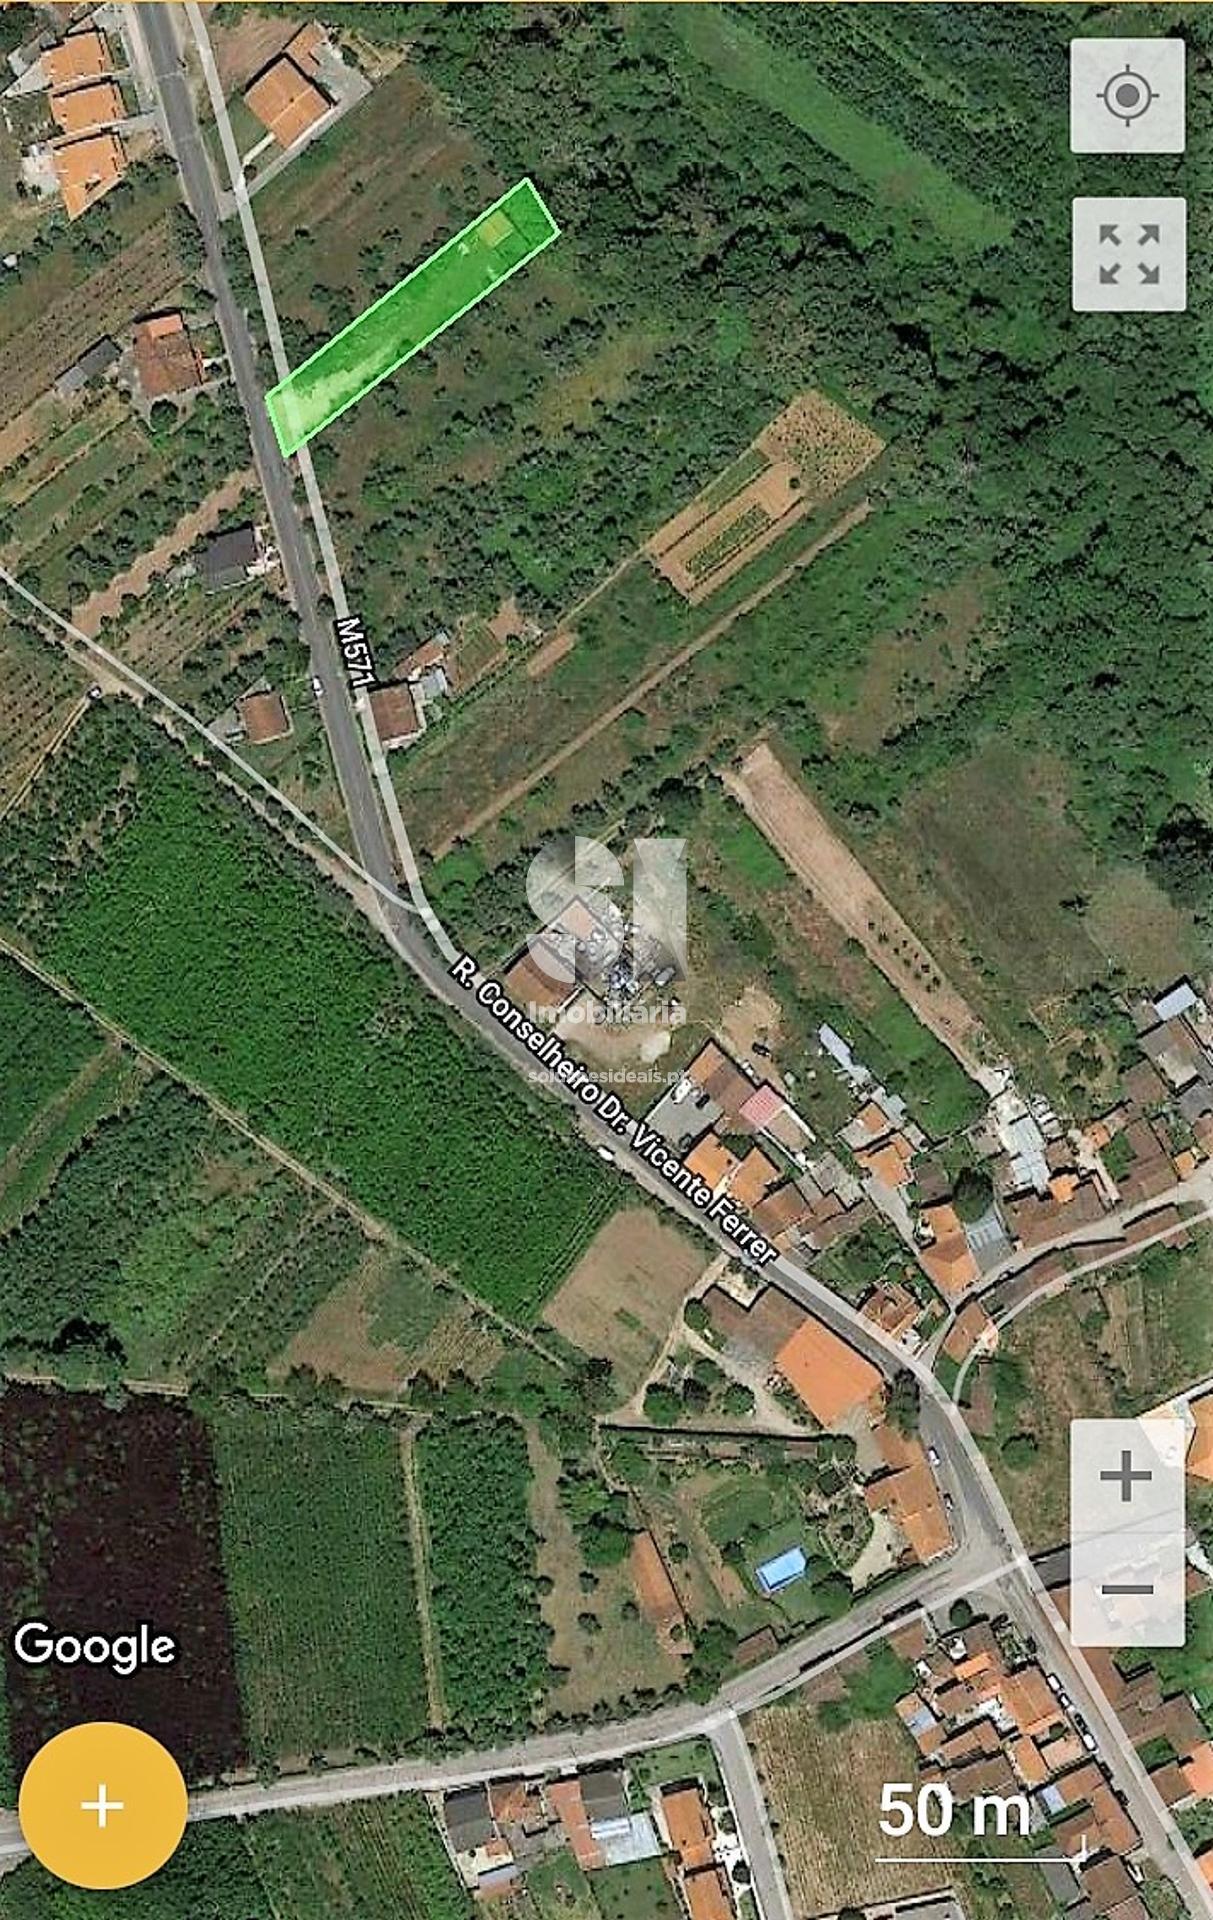 terreno para compra em lousa uniao das freguesias de lousa e vilarinho LSANS559